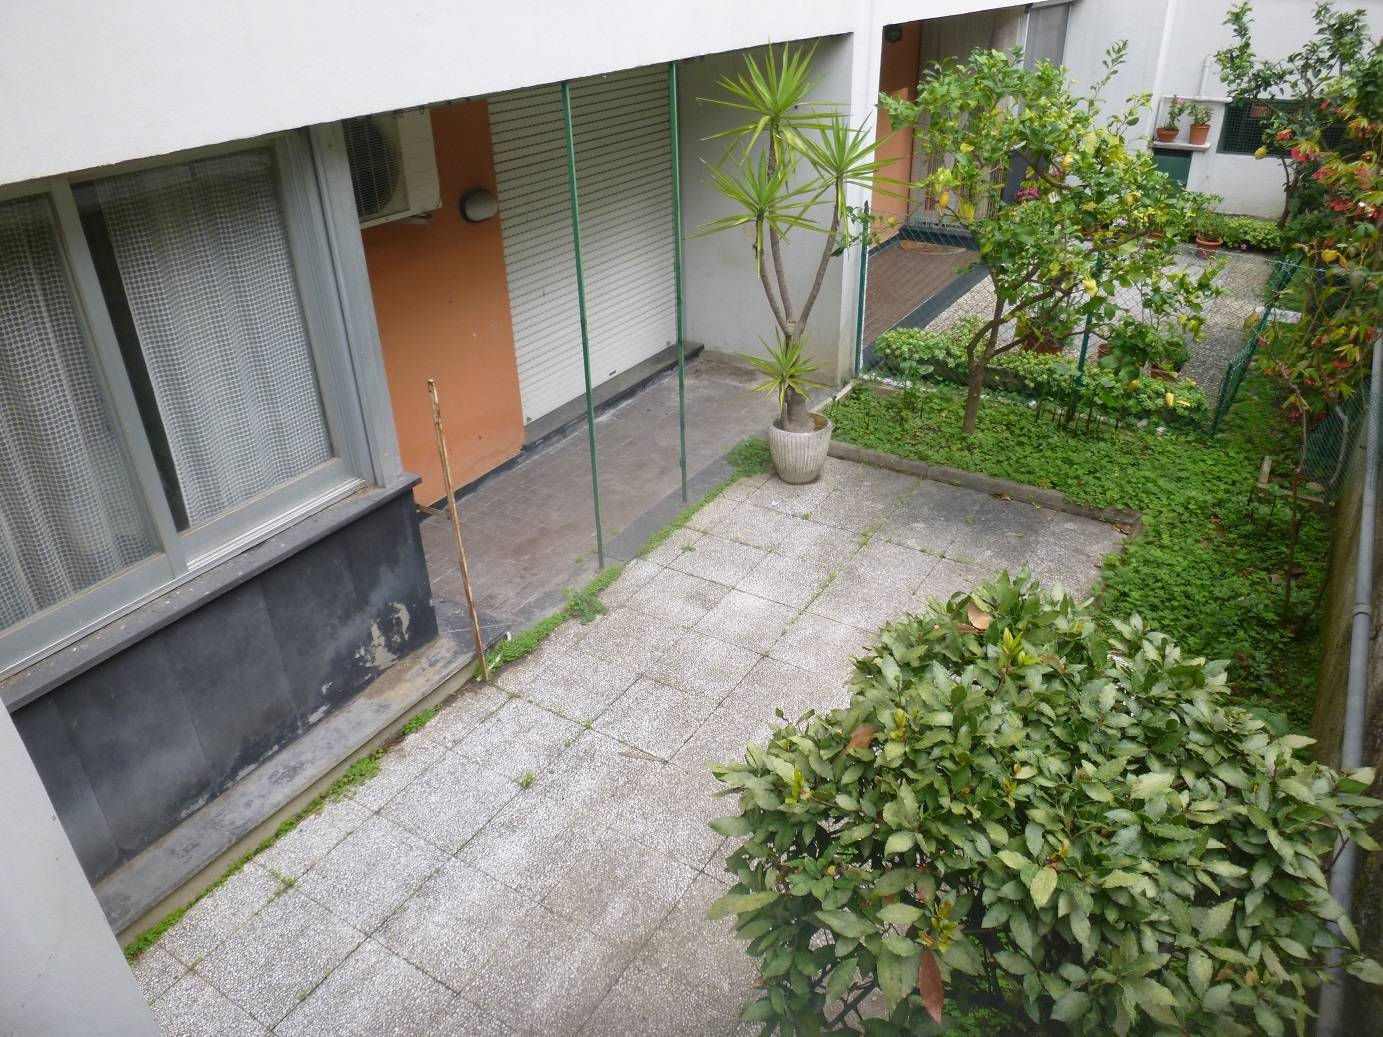 Appartamento in vendita a Cogorno, 6 locali, zona Località: SanSalvatore, prezzo € 170.000   PortaleAgenzieImmobiliari.it